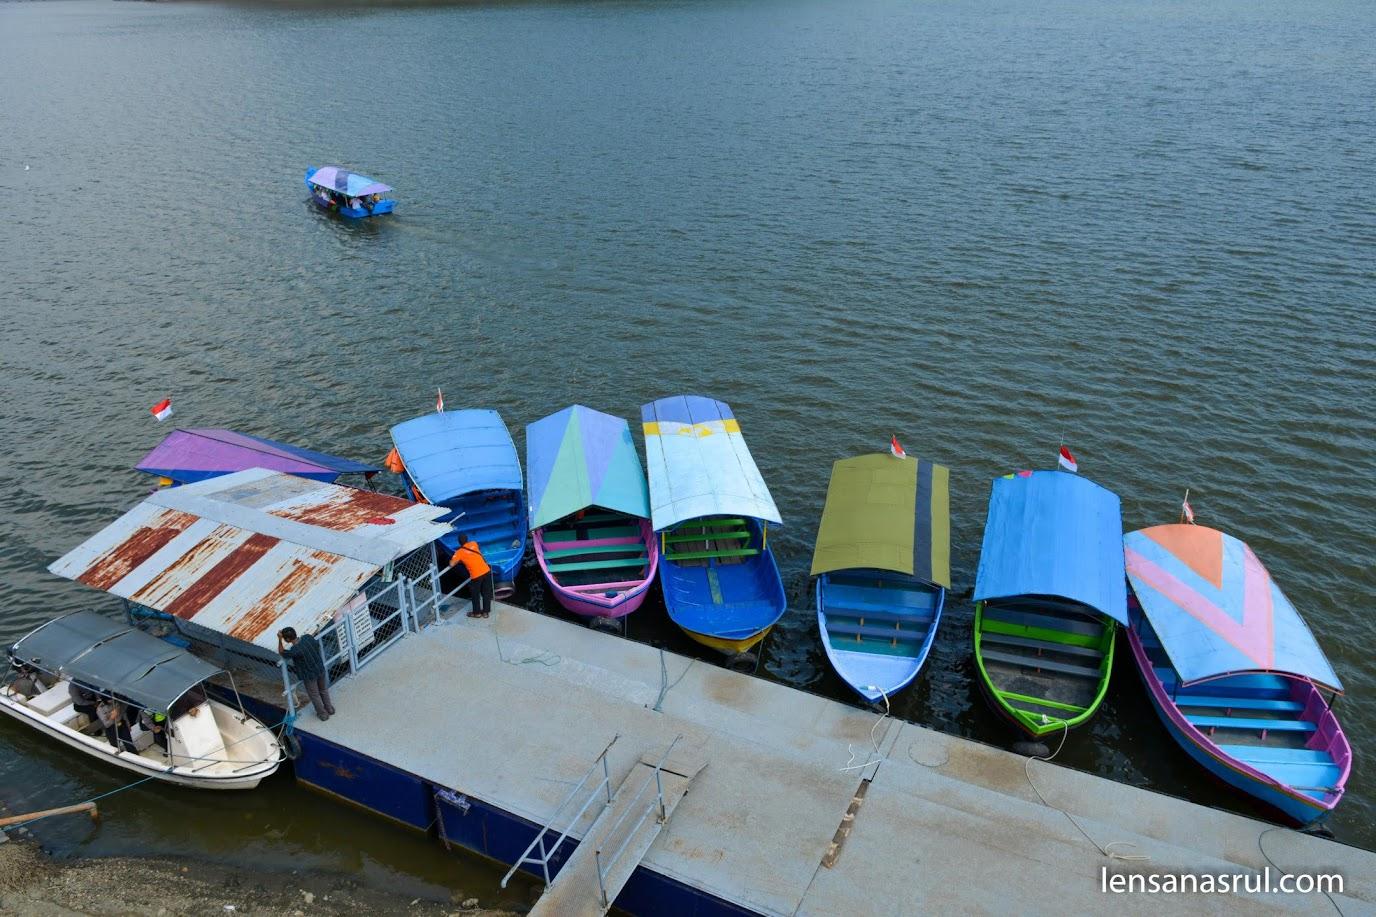 wisata perahu di jogja Menikmati Wisata Waduk Sermo Dengan Perahu Lensanasrulcom